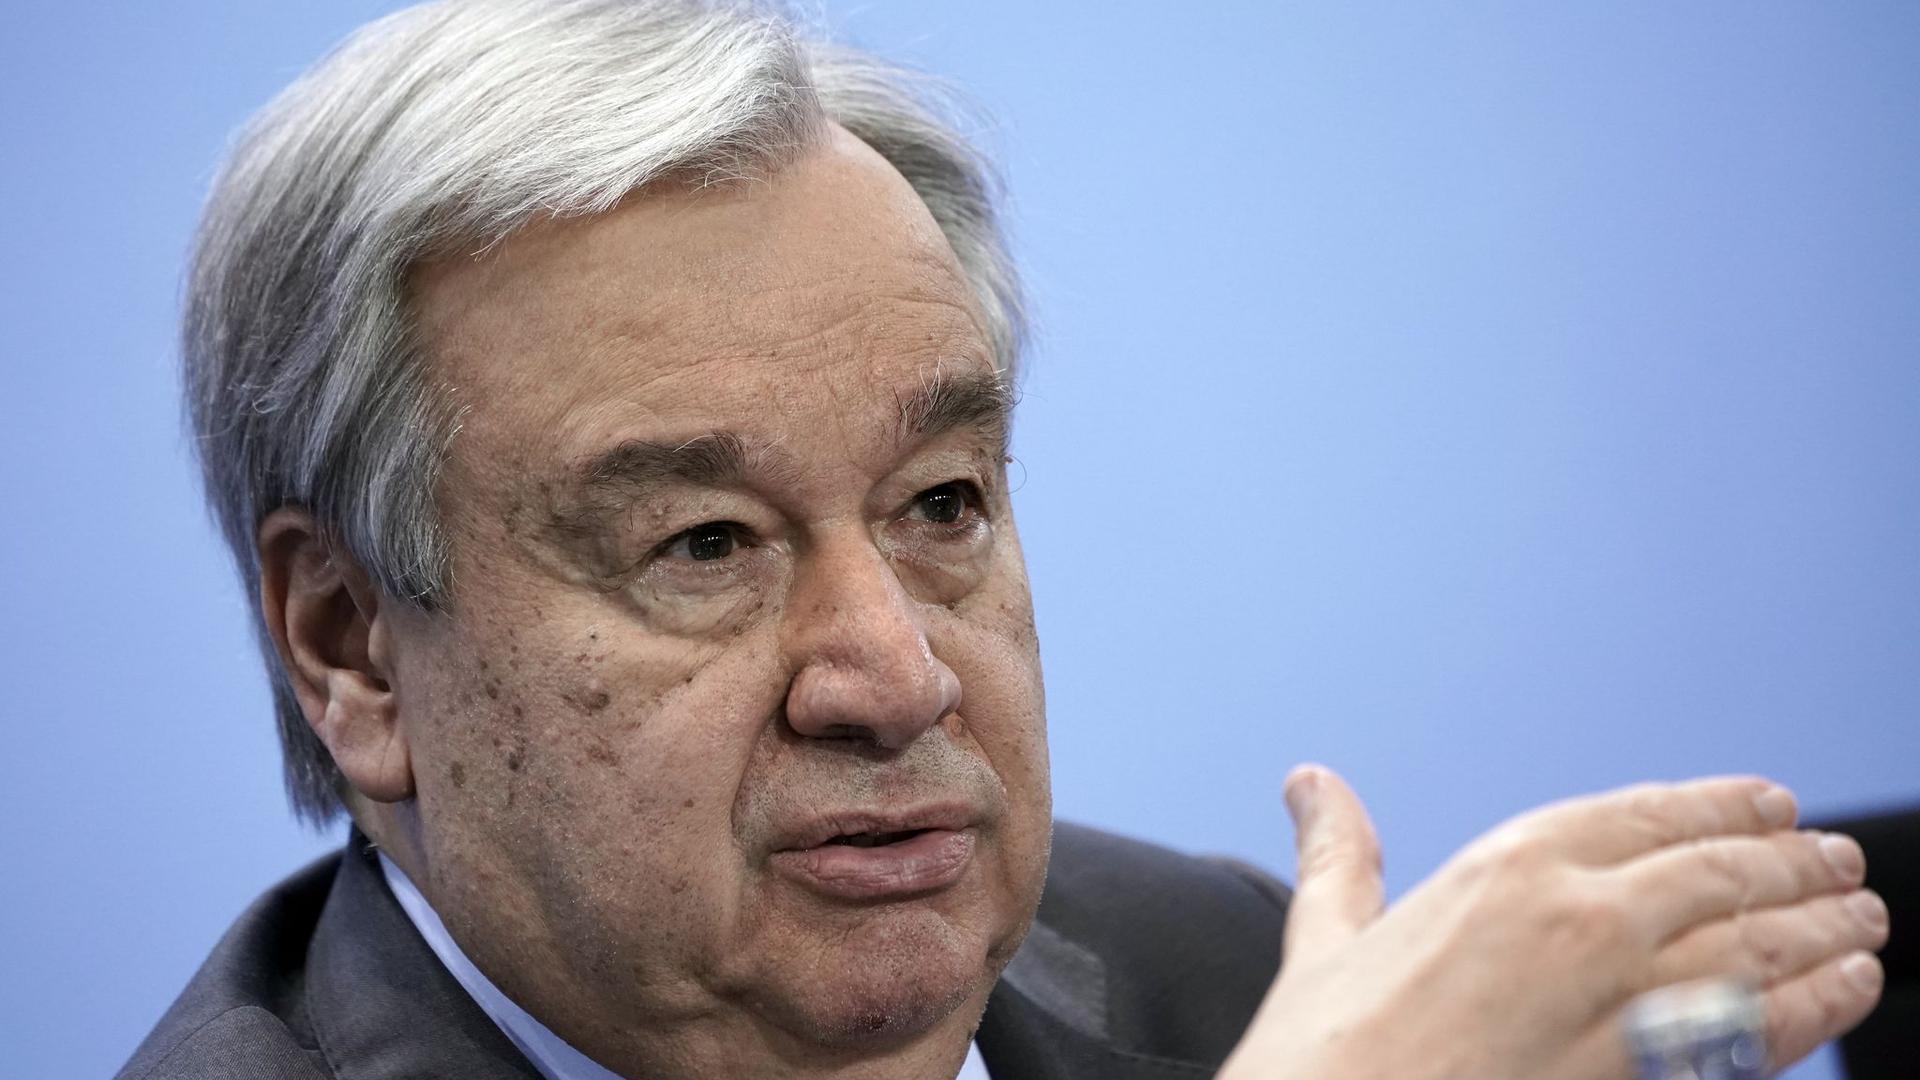 Antonio Guterres, Generalsekretär der Vereinten Nationen, spricht nach der Libyen-Konferenz.